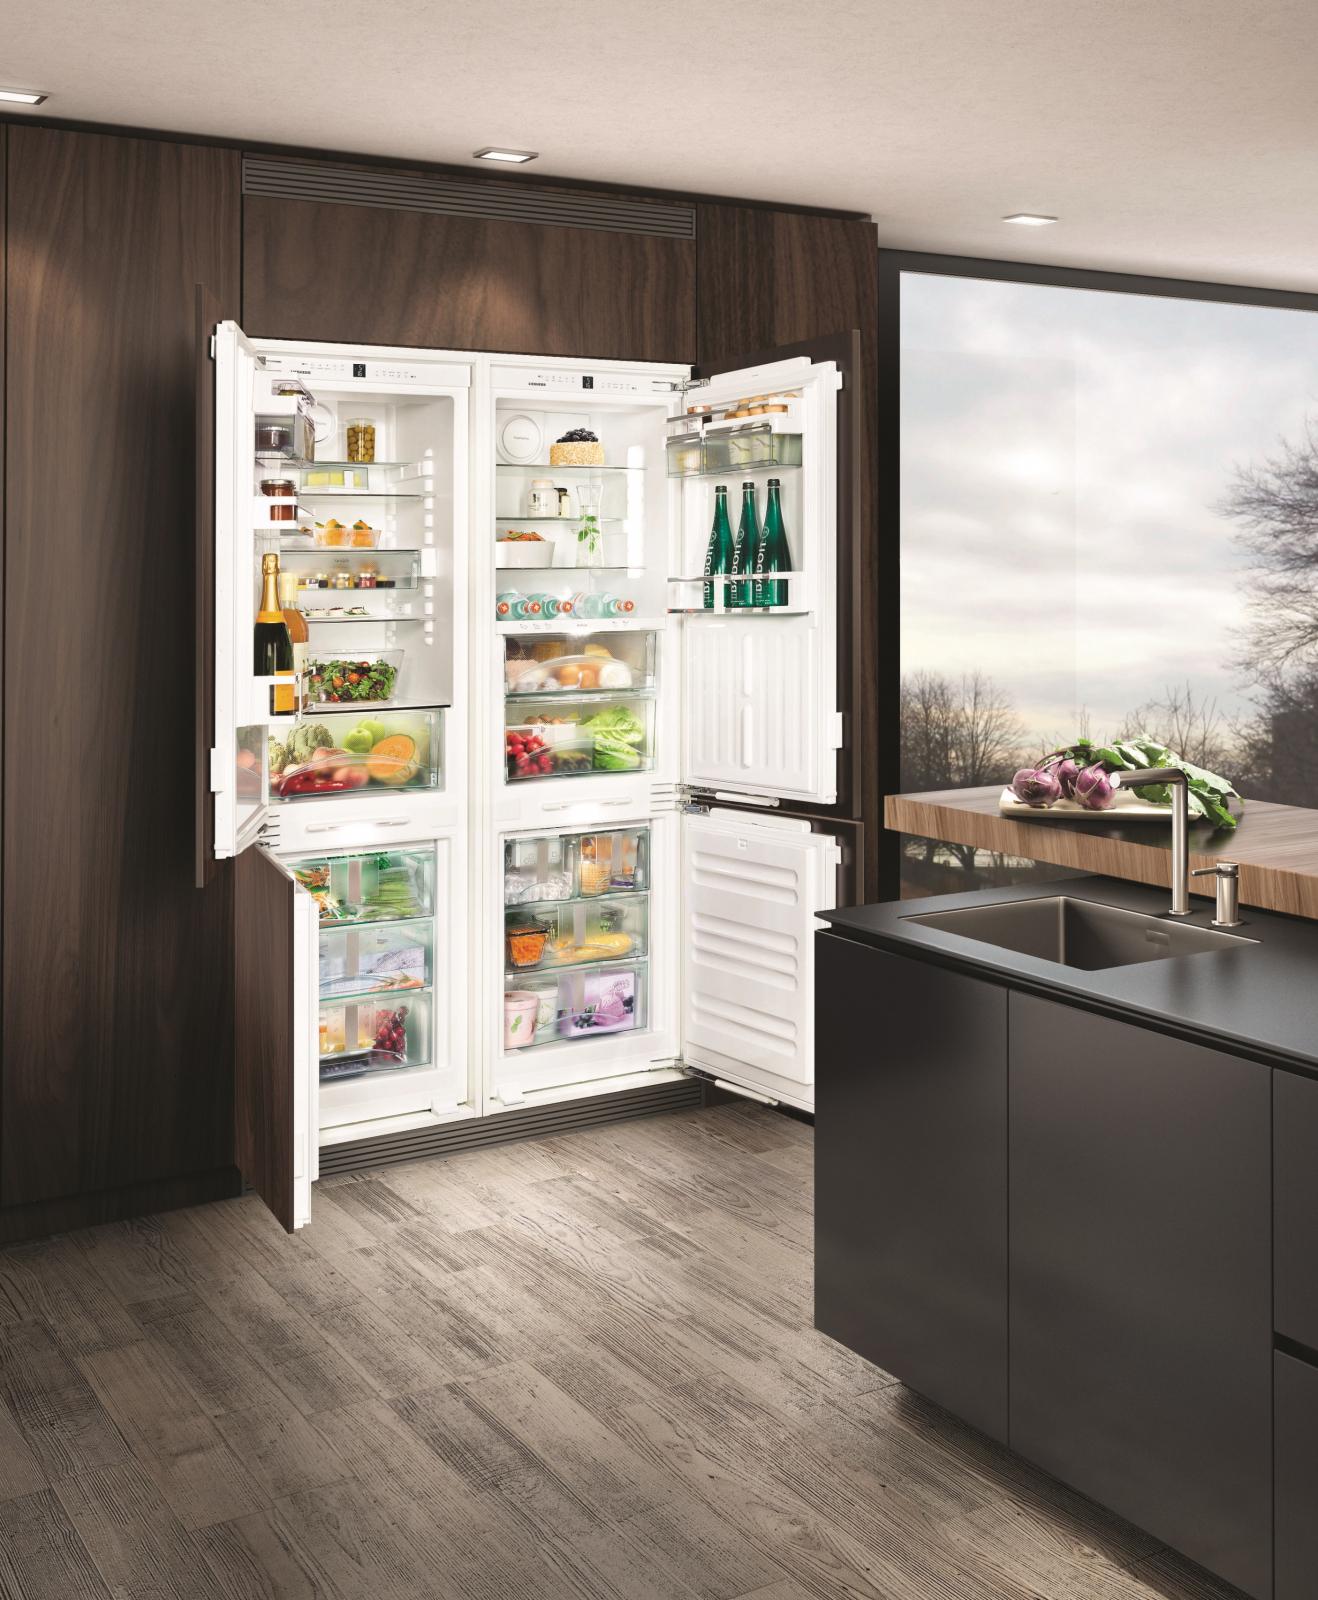 купить Встраиваемый холодильник Side-by-side Liebherr SBS 66I3 21 Украина фото 3